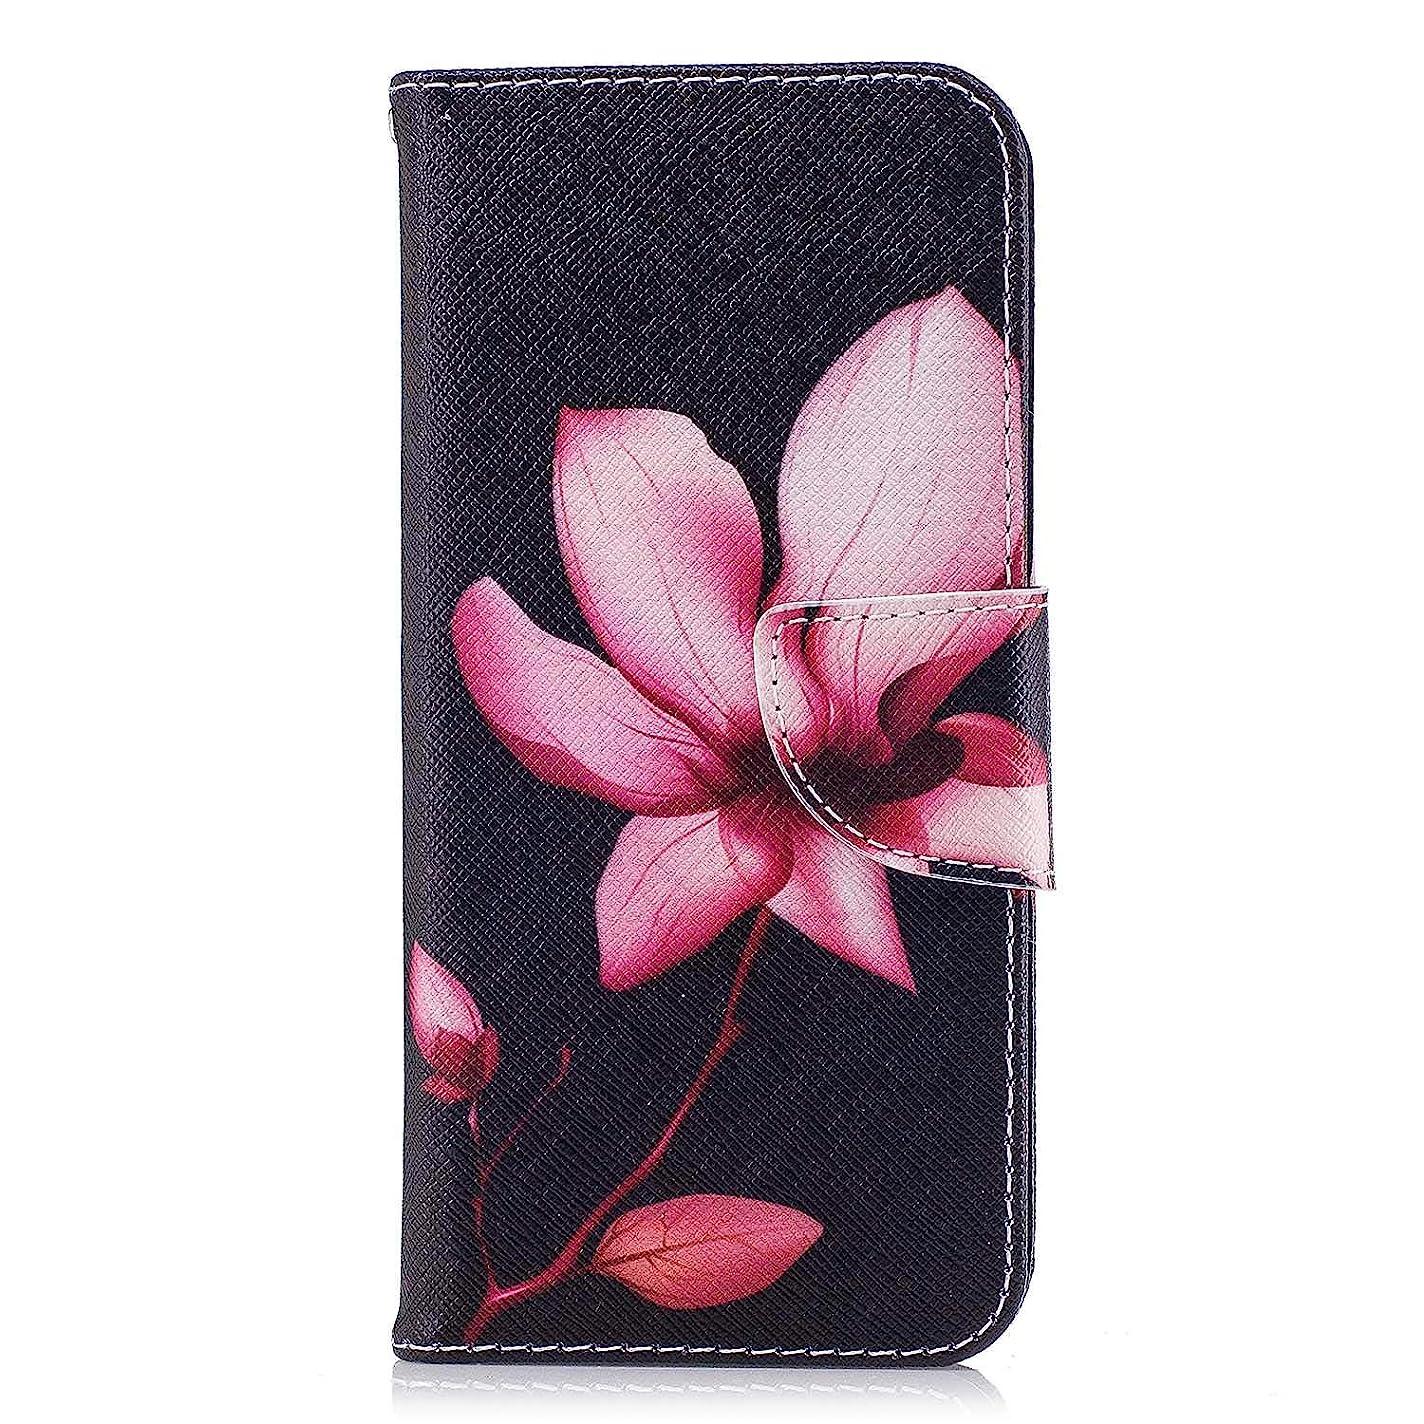 電気陽性シャー花弁OMATENTI Galaxy S9 ケース, ファッション人気 PUレザー 手帳 軽量 電話ケース 耐衝撃性 落下防止 薄型 スマホケースザー 付きスタンド機能, マグネット開閉式 そしてカード収納 Galaxy S9 用 Case Cover, 花